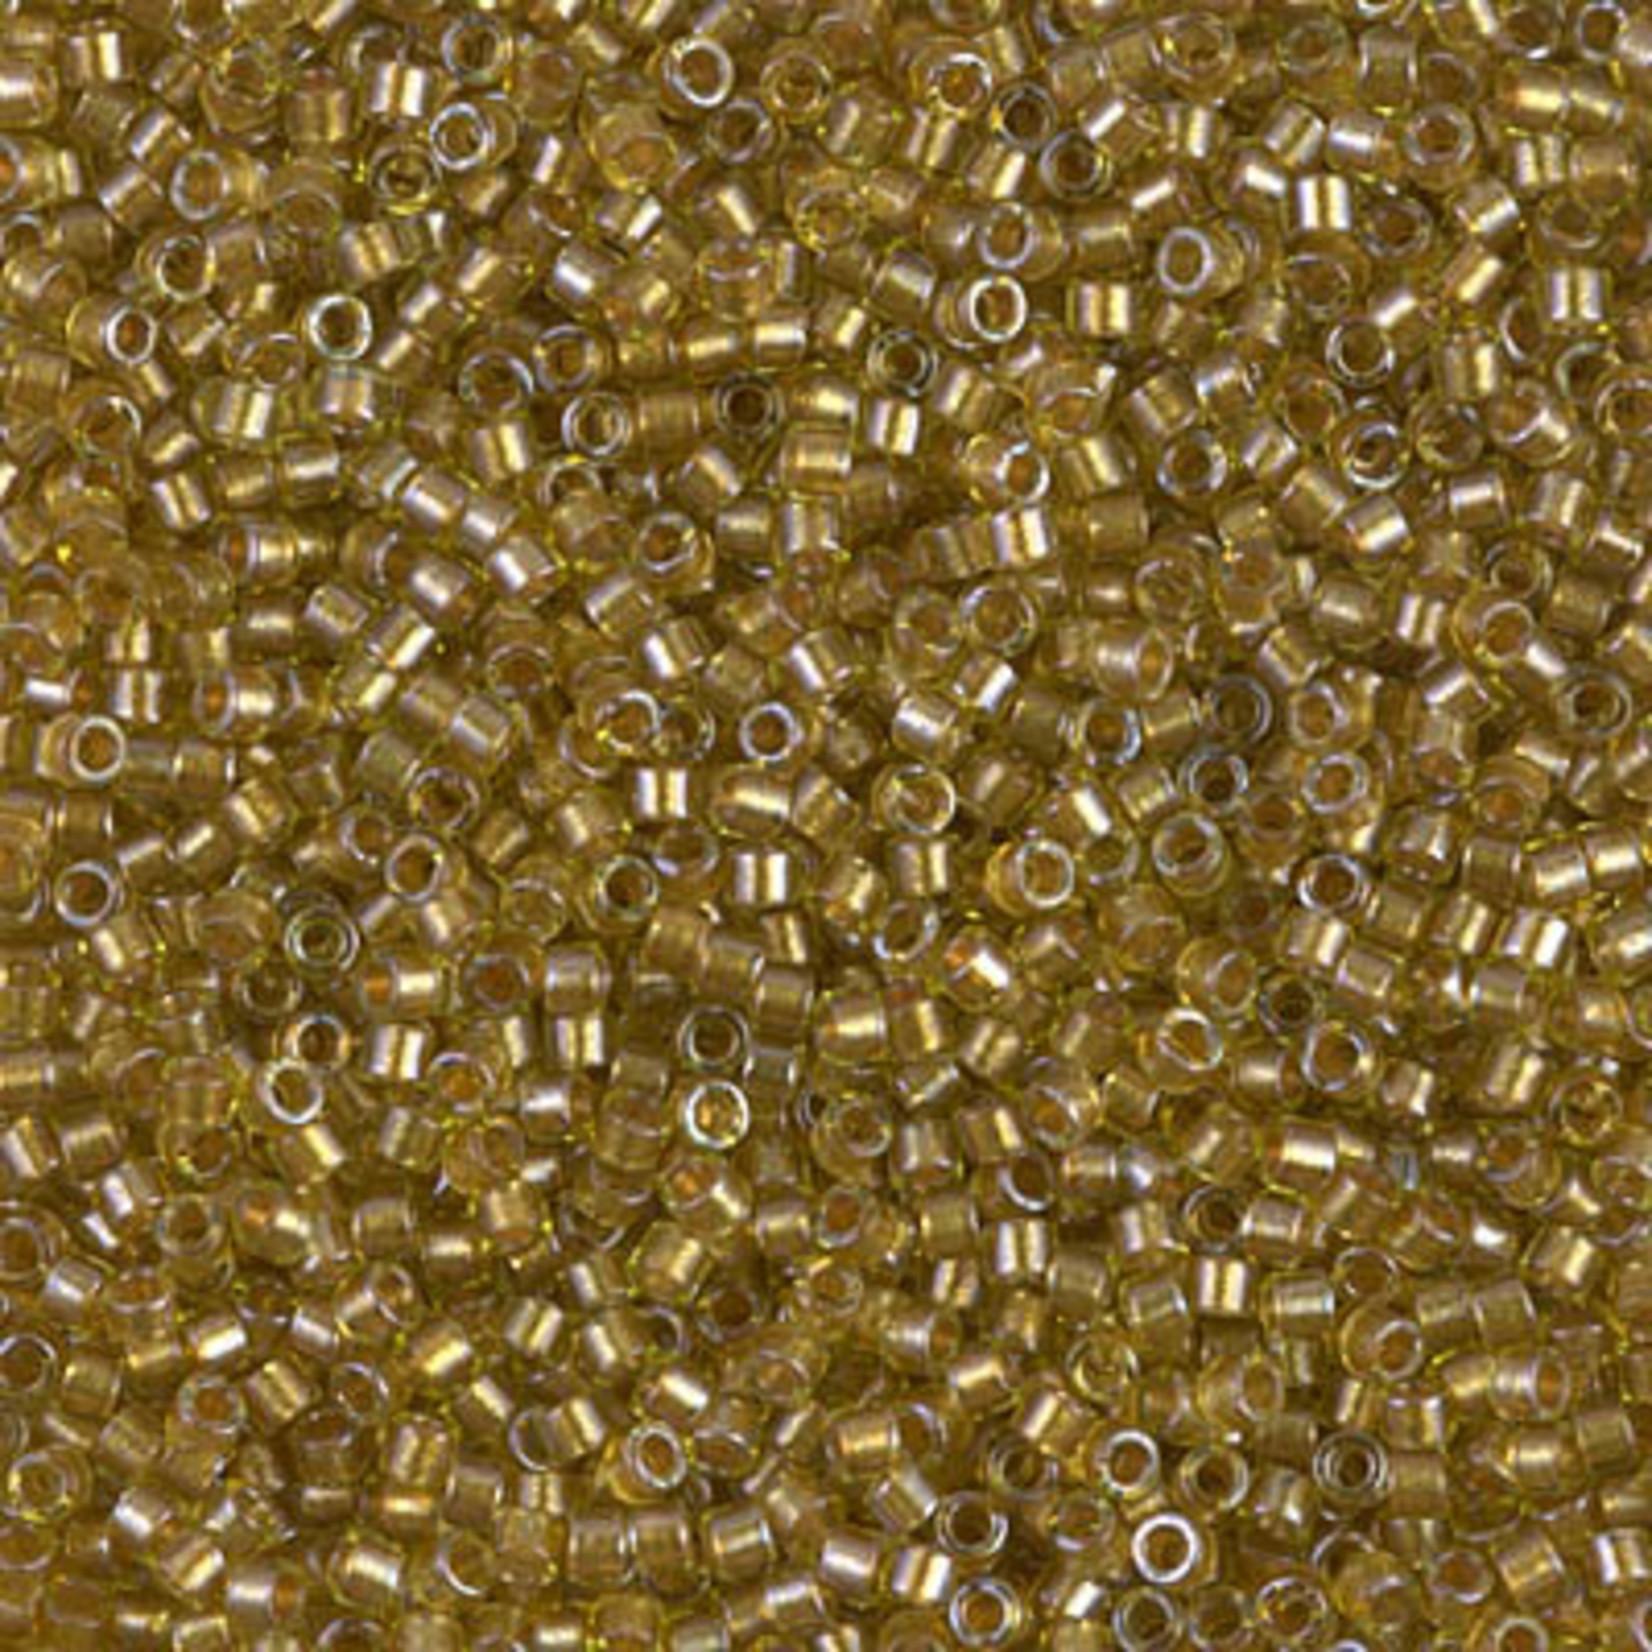 Miyuki 7.2 GM DB0909 11/0 Delica: Lt Chartreuse/Amber ICL* (D) (APX 1400 PCS)